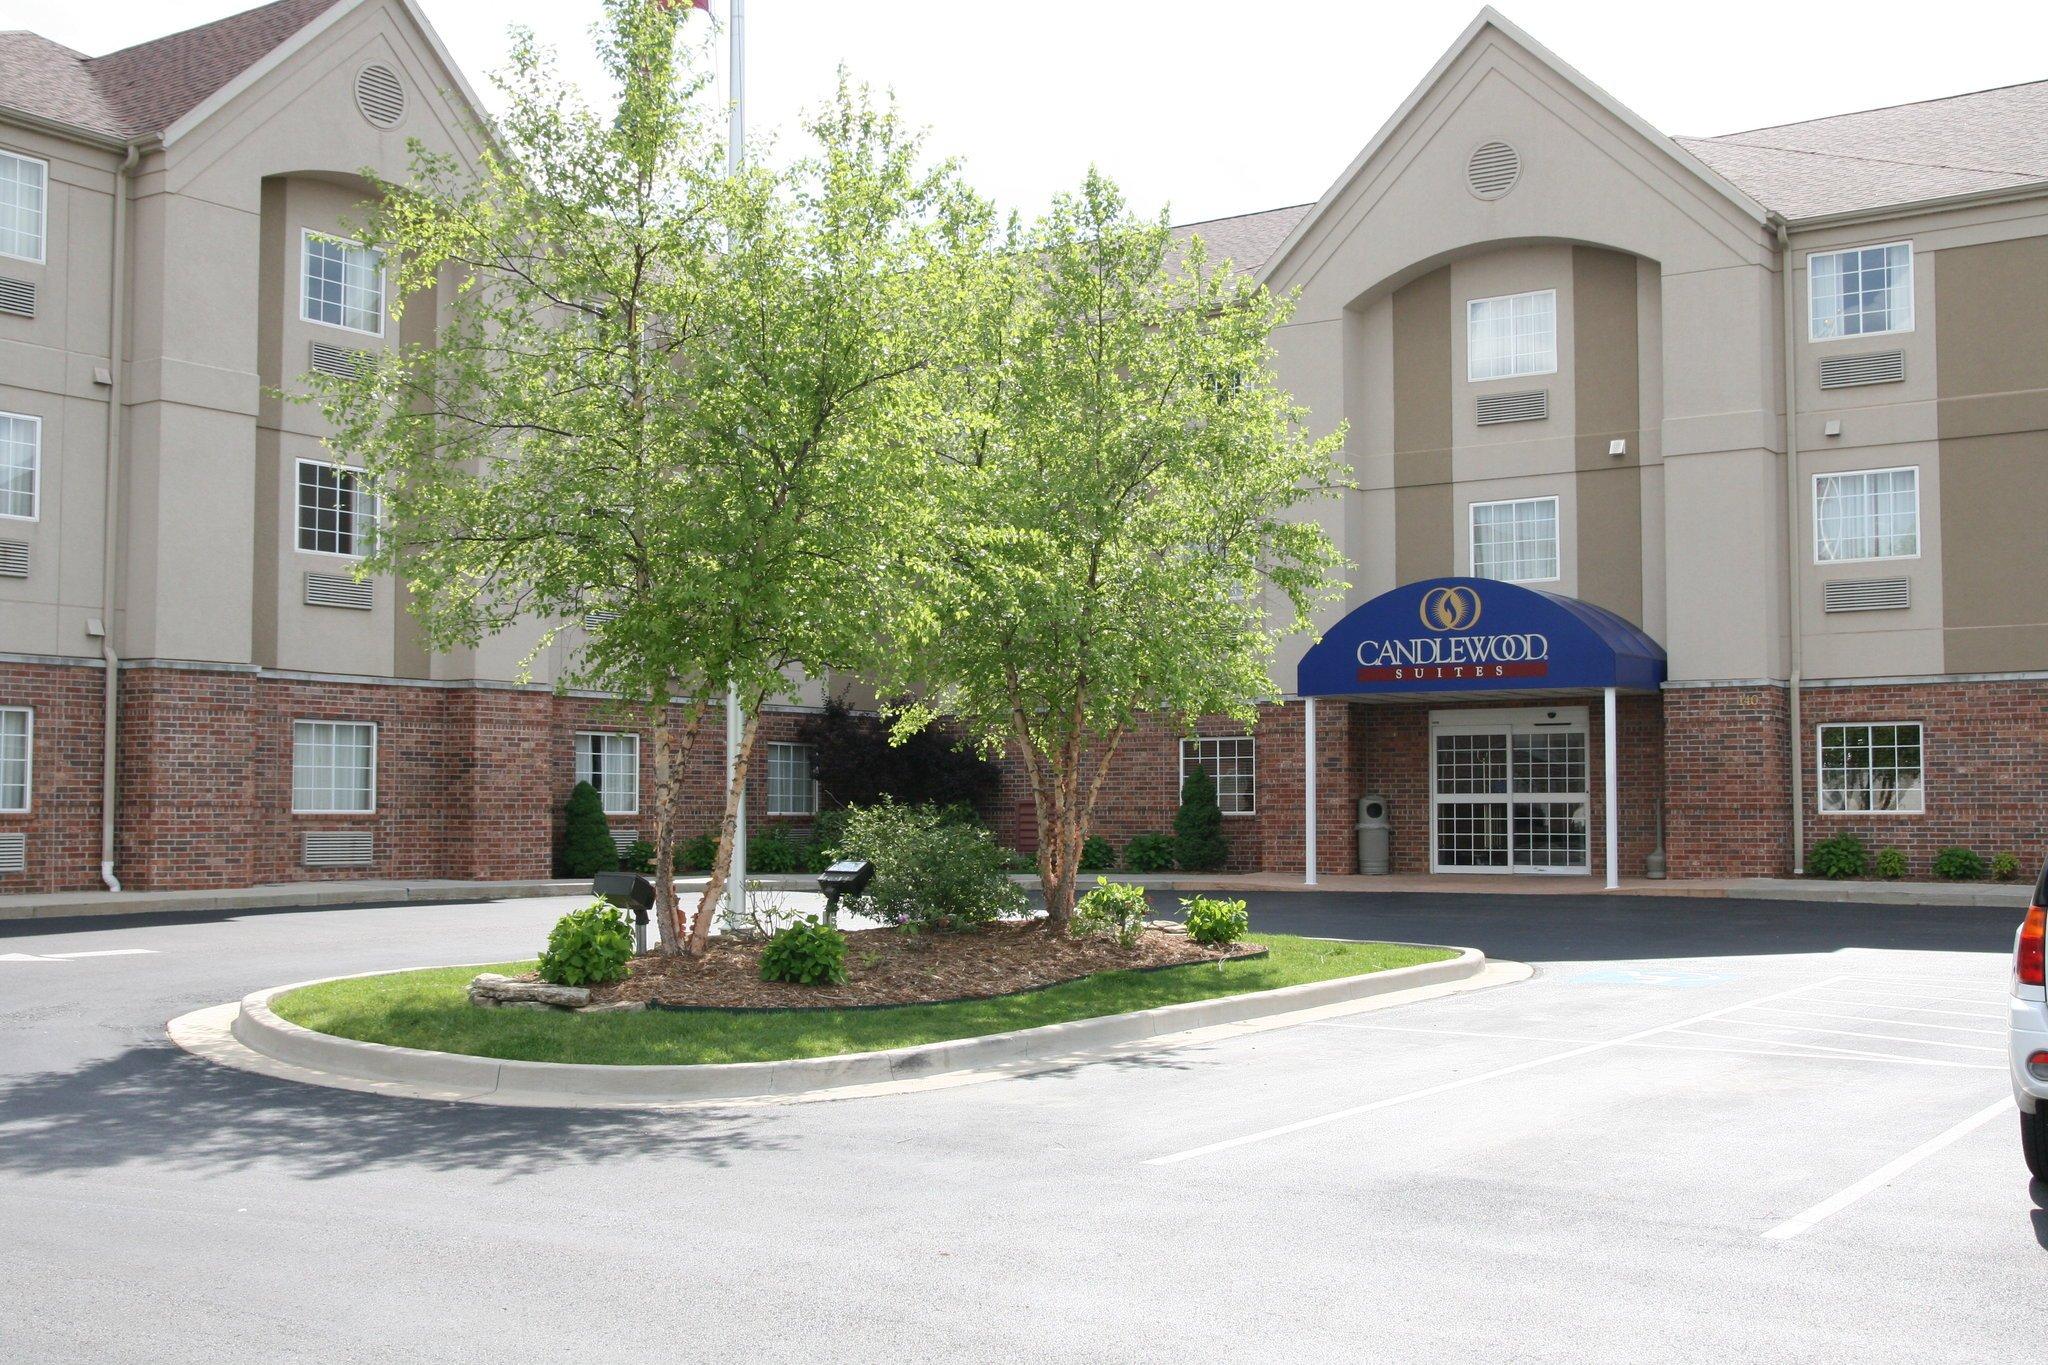 Candlewood Suites - Des Moines